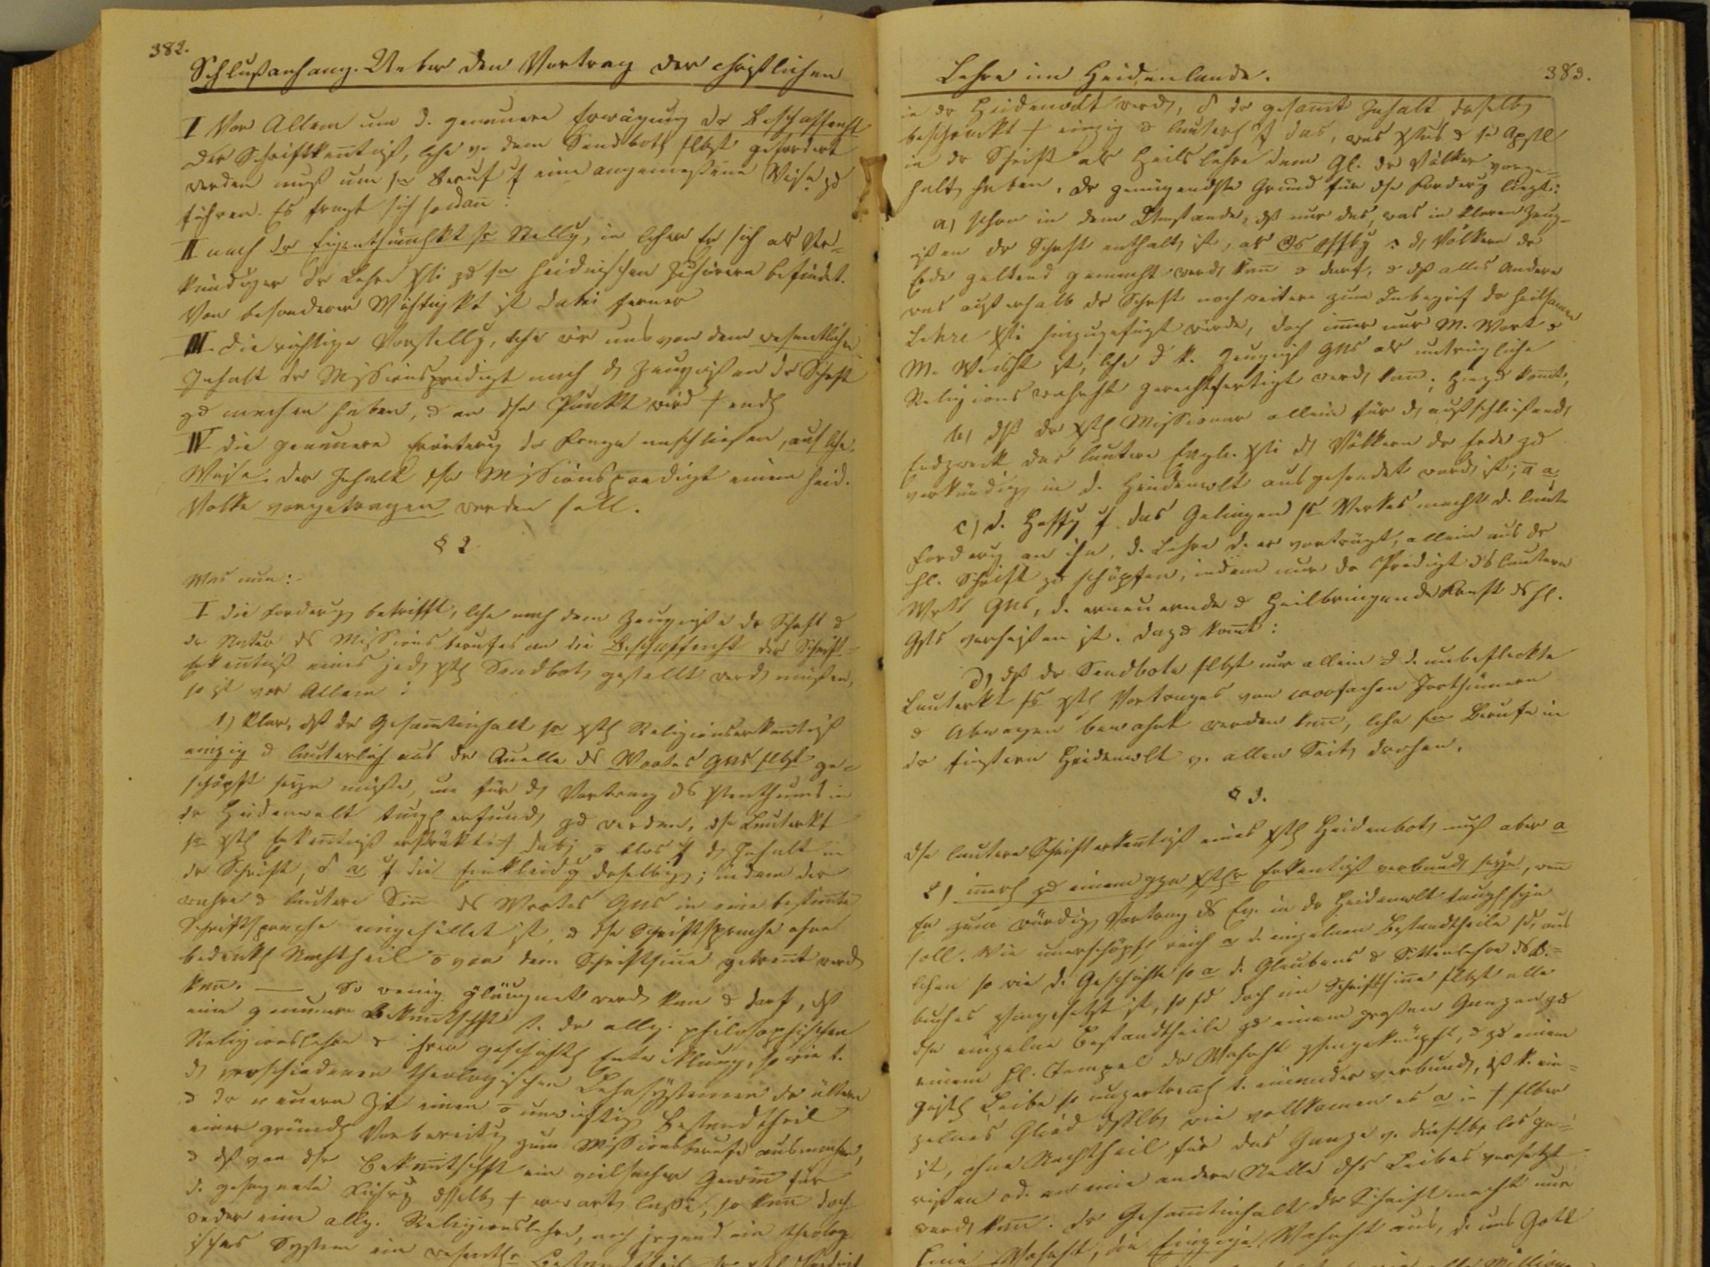 Dogmatik Blumhardt 269 Y